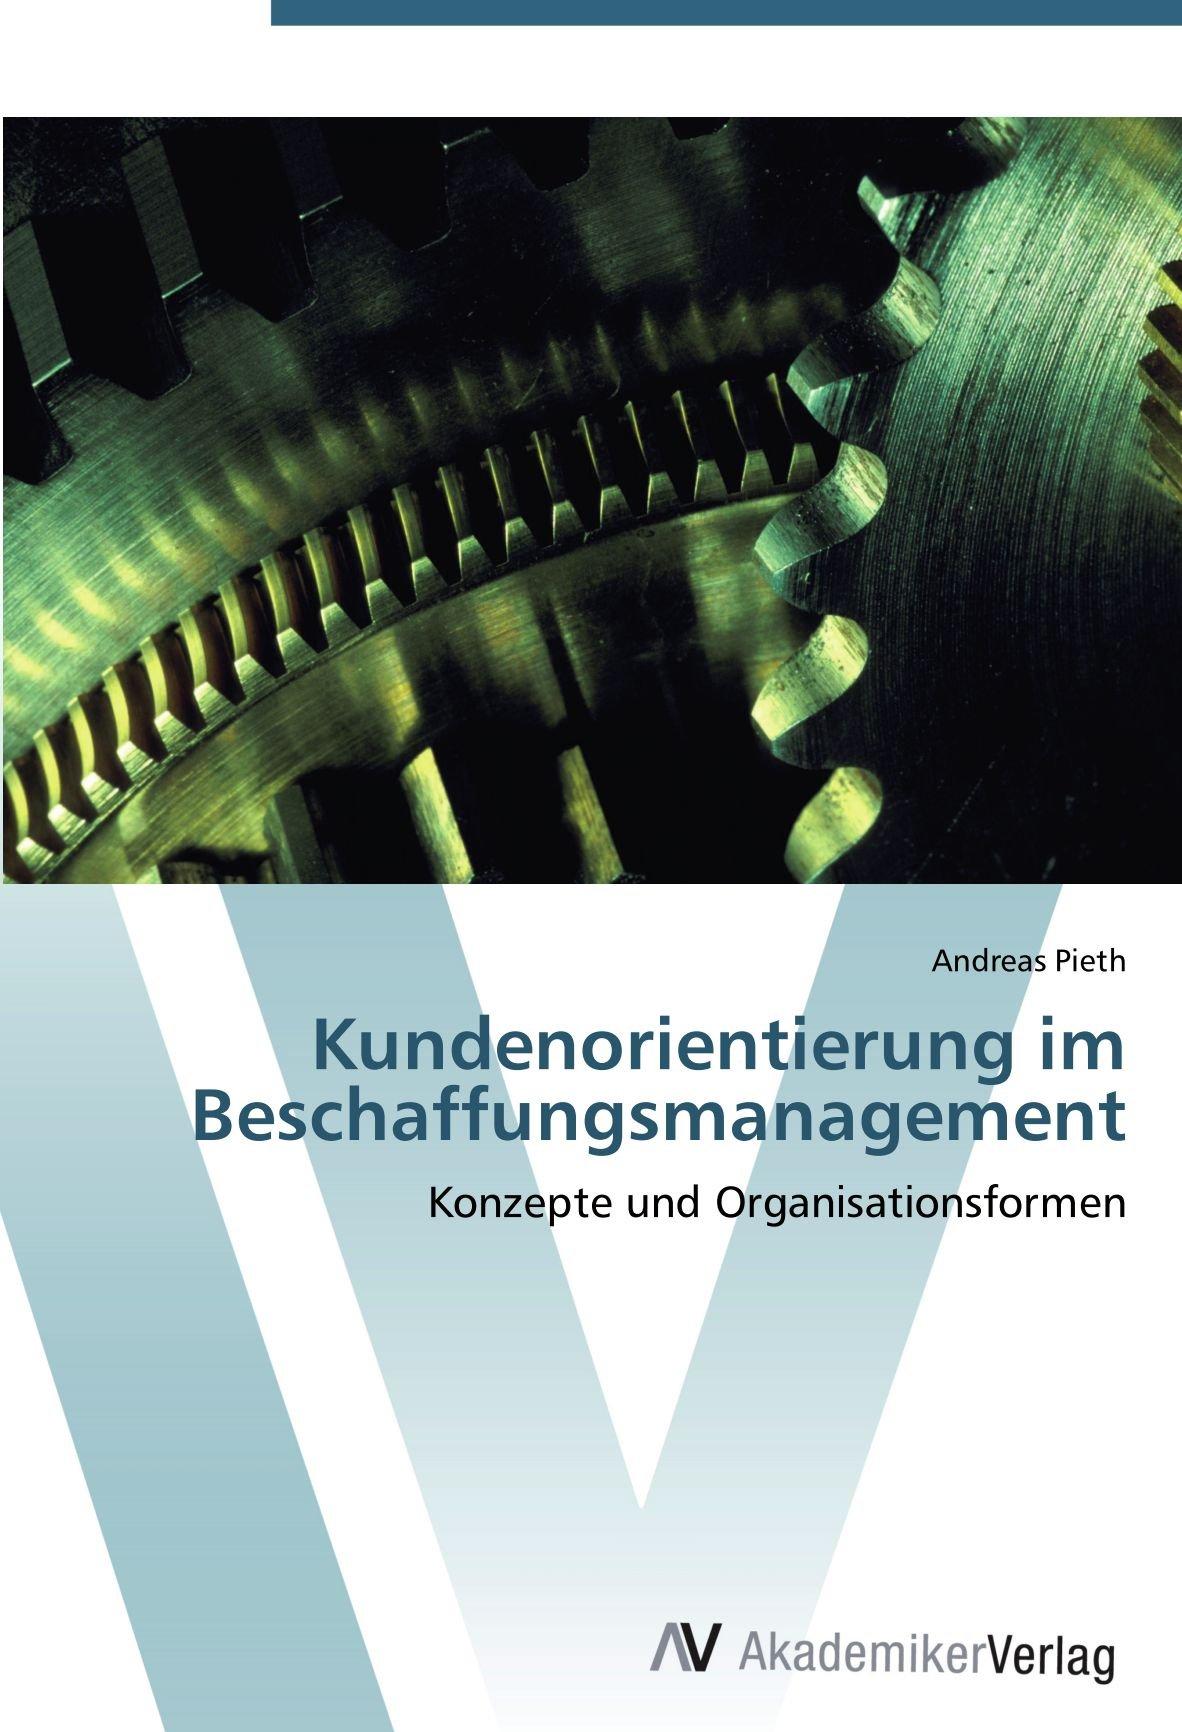 Kundenorientierung im Beschaffungsmanagement: Konzepte und Organisationsformen